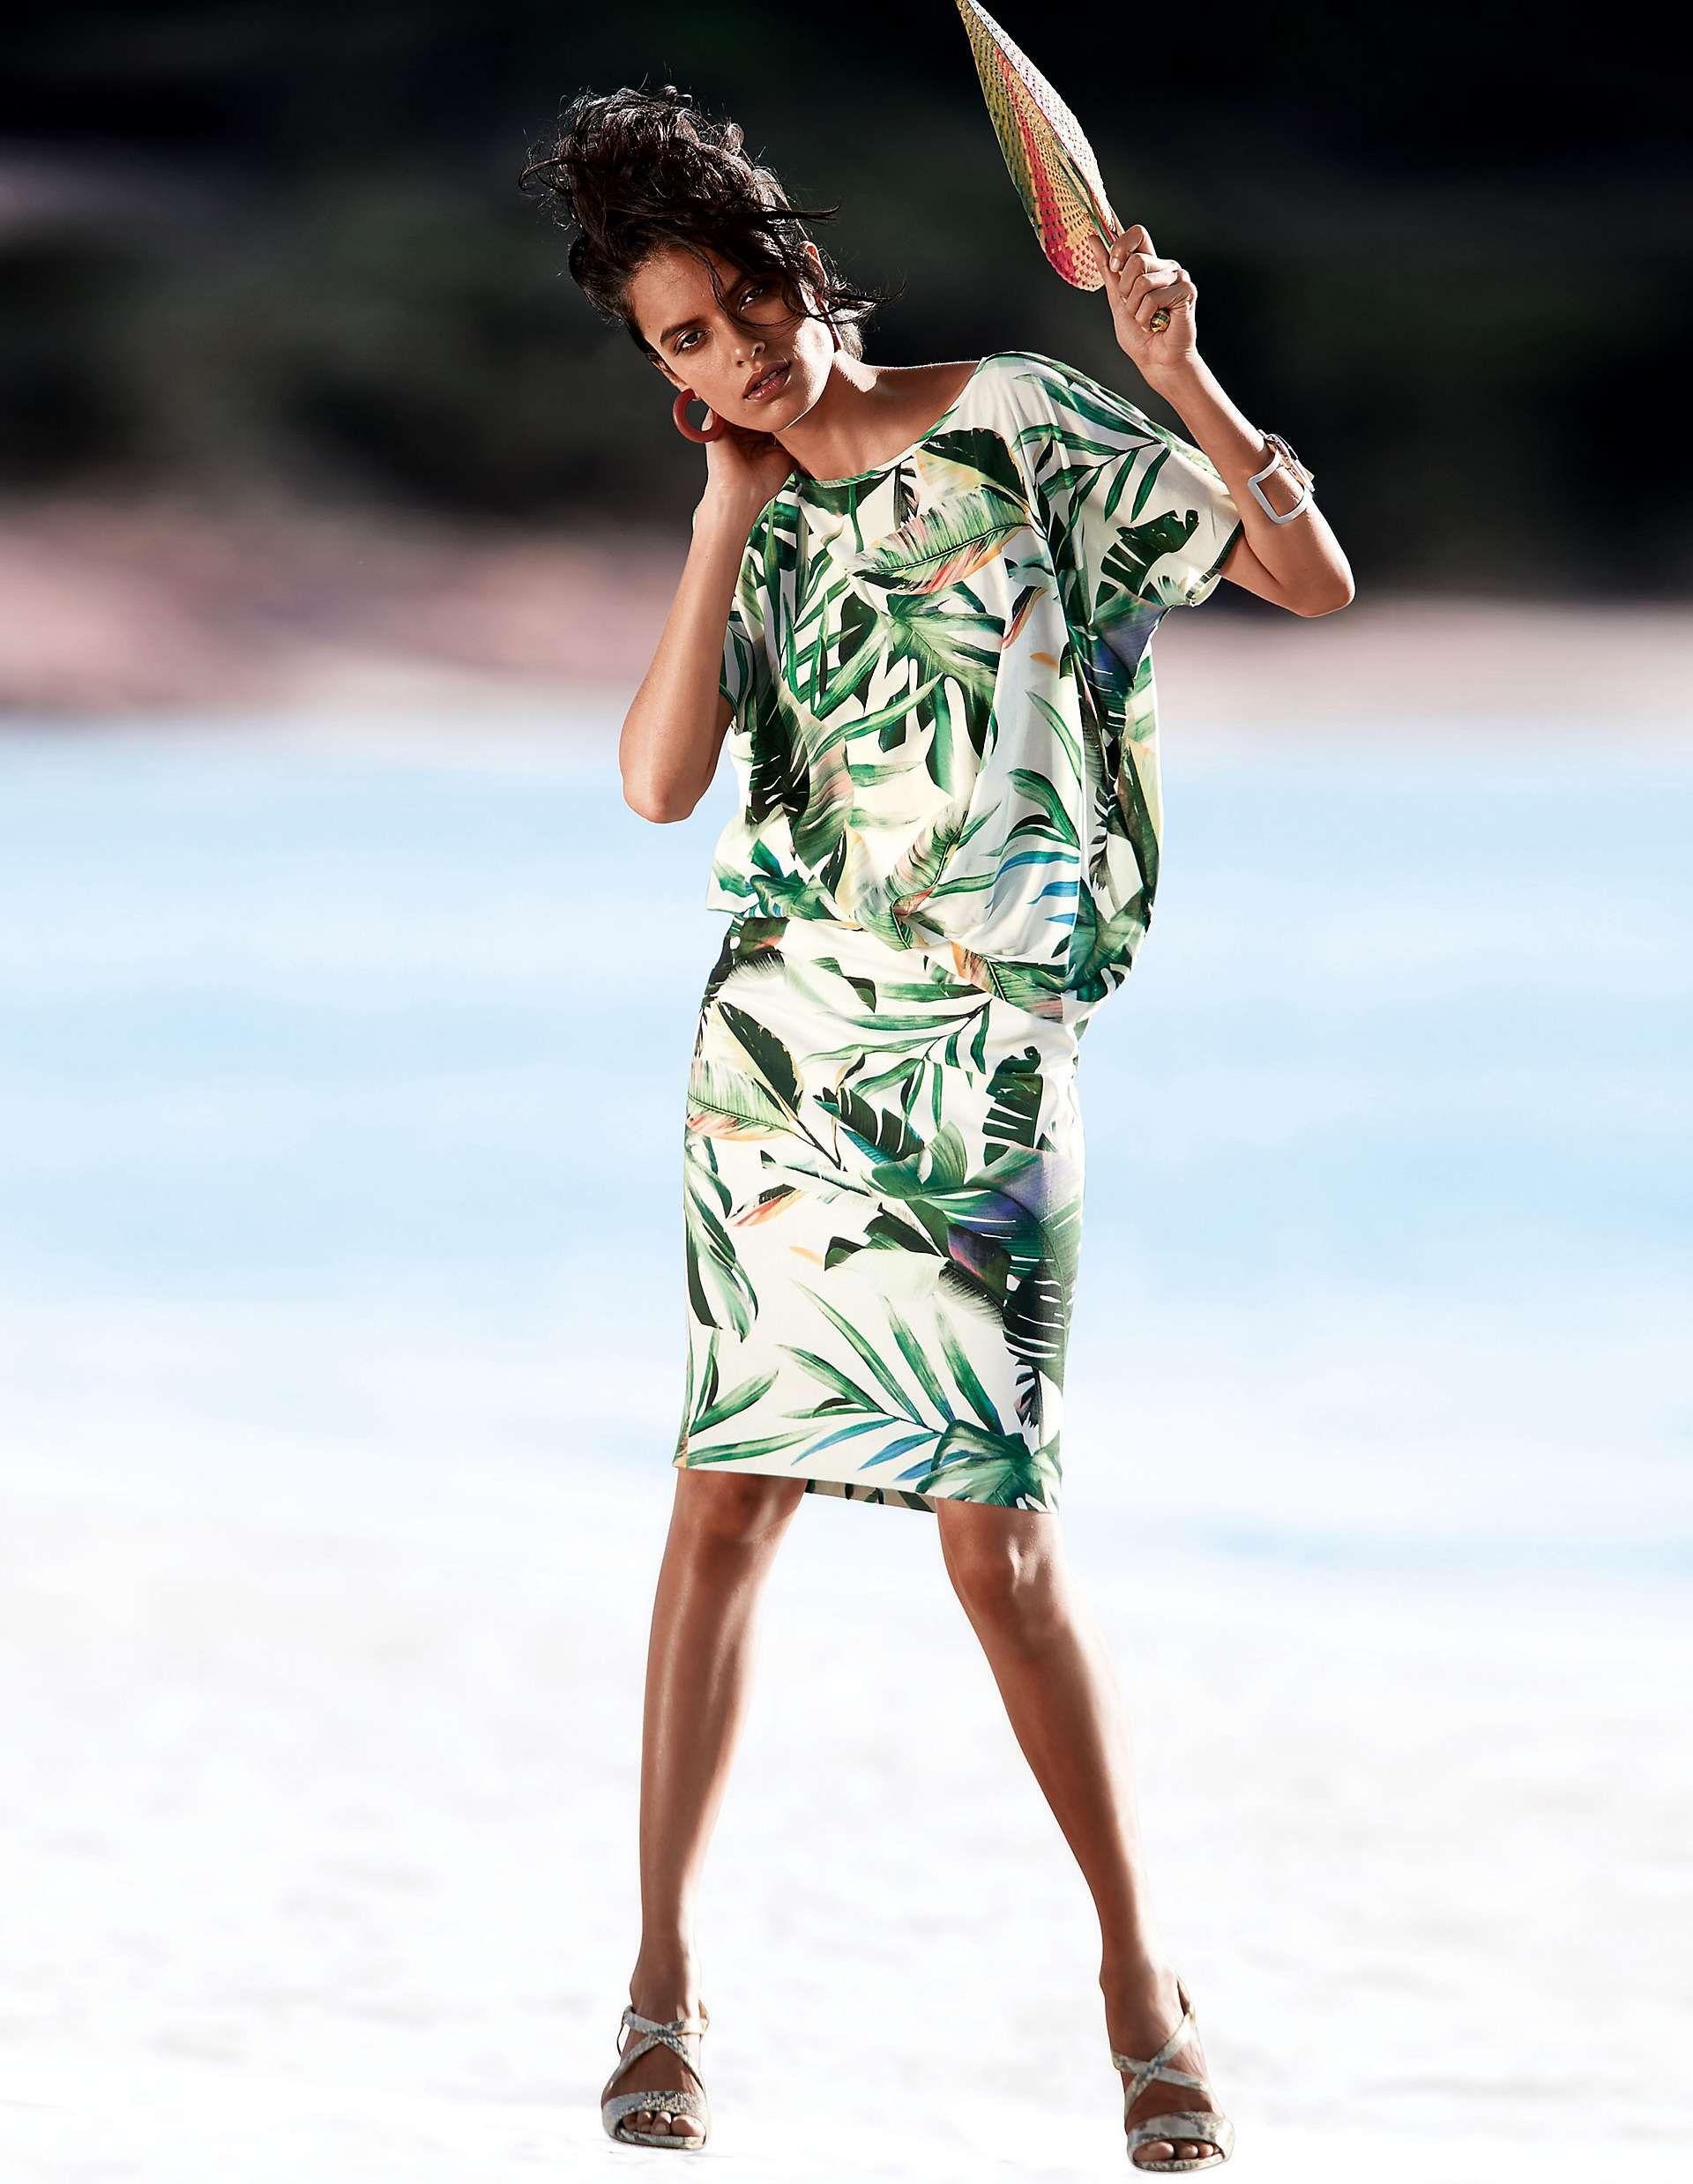 Madeleine Kleider Festlich - Abendkleider & elegante ...